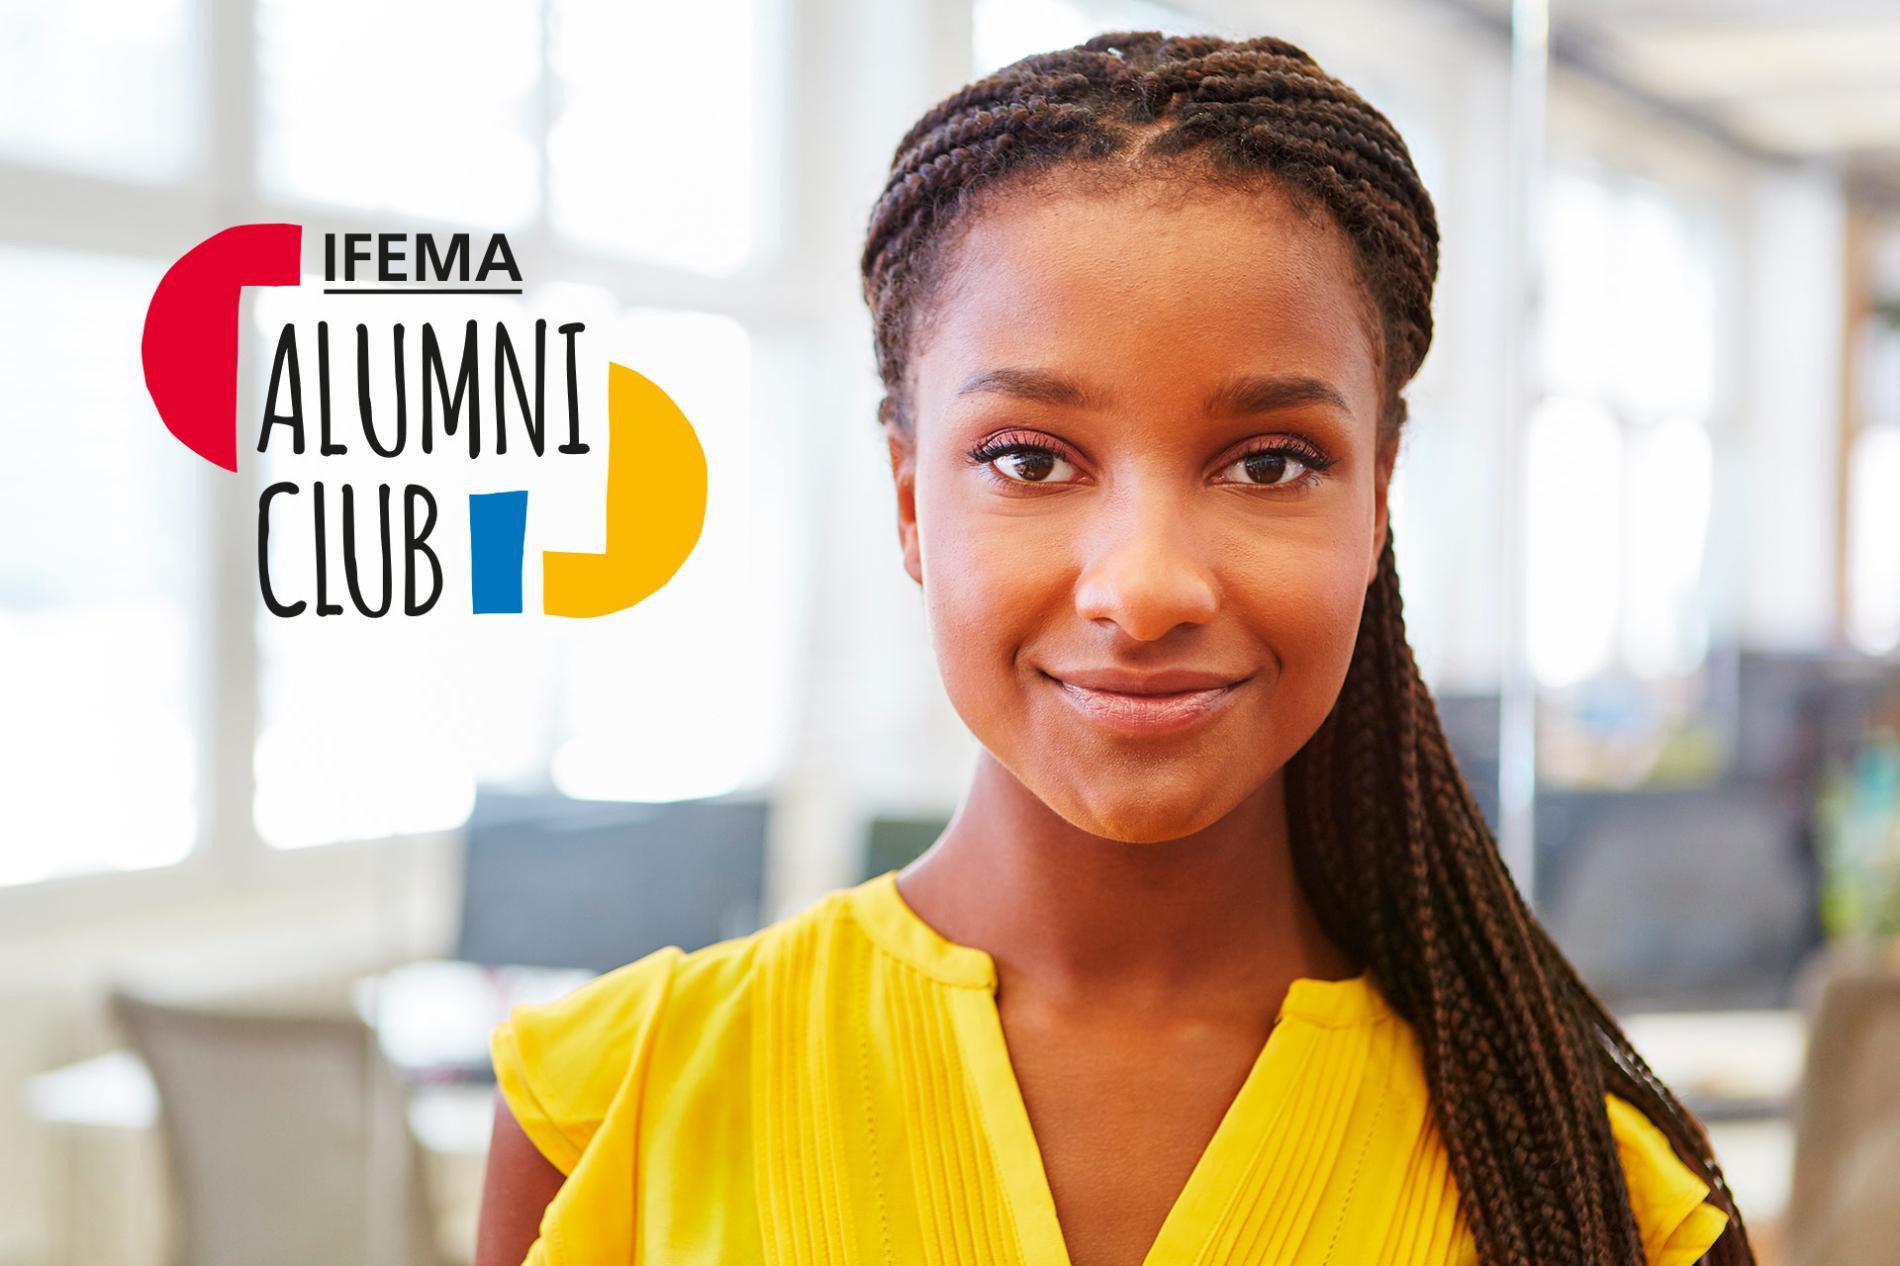 Chica joven junto al logo de Alumni Club de Ifema